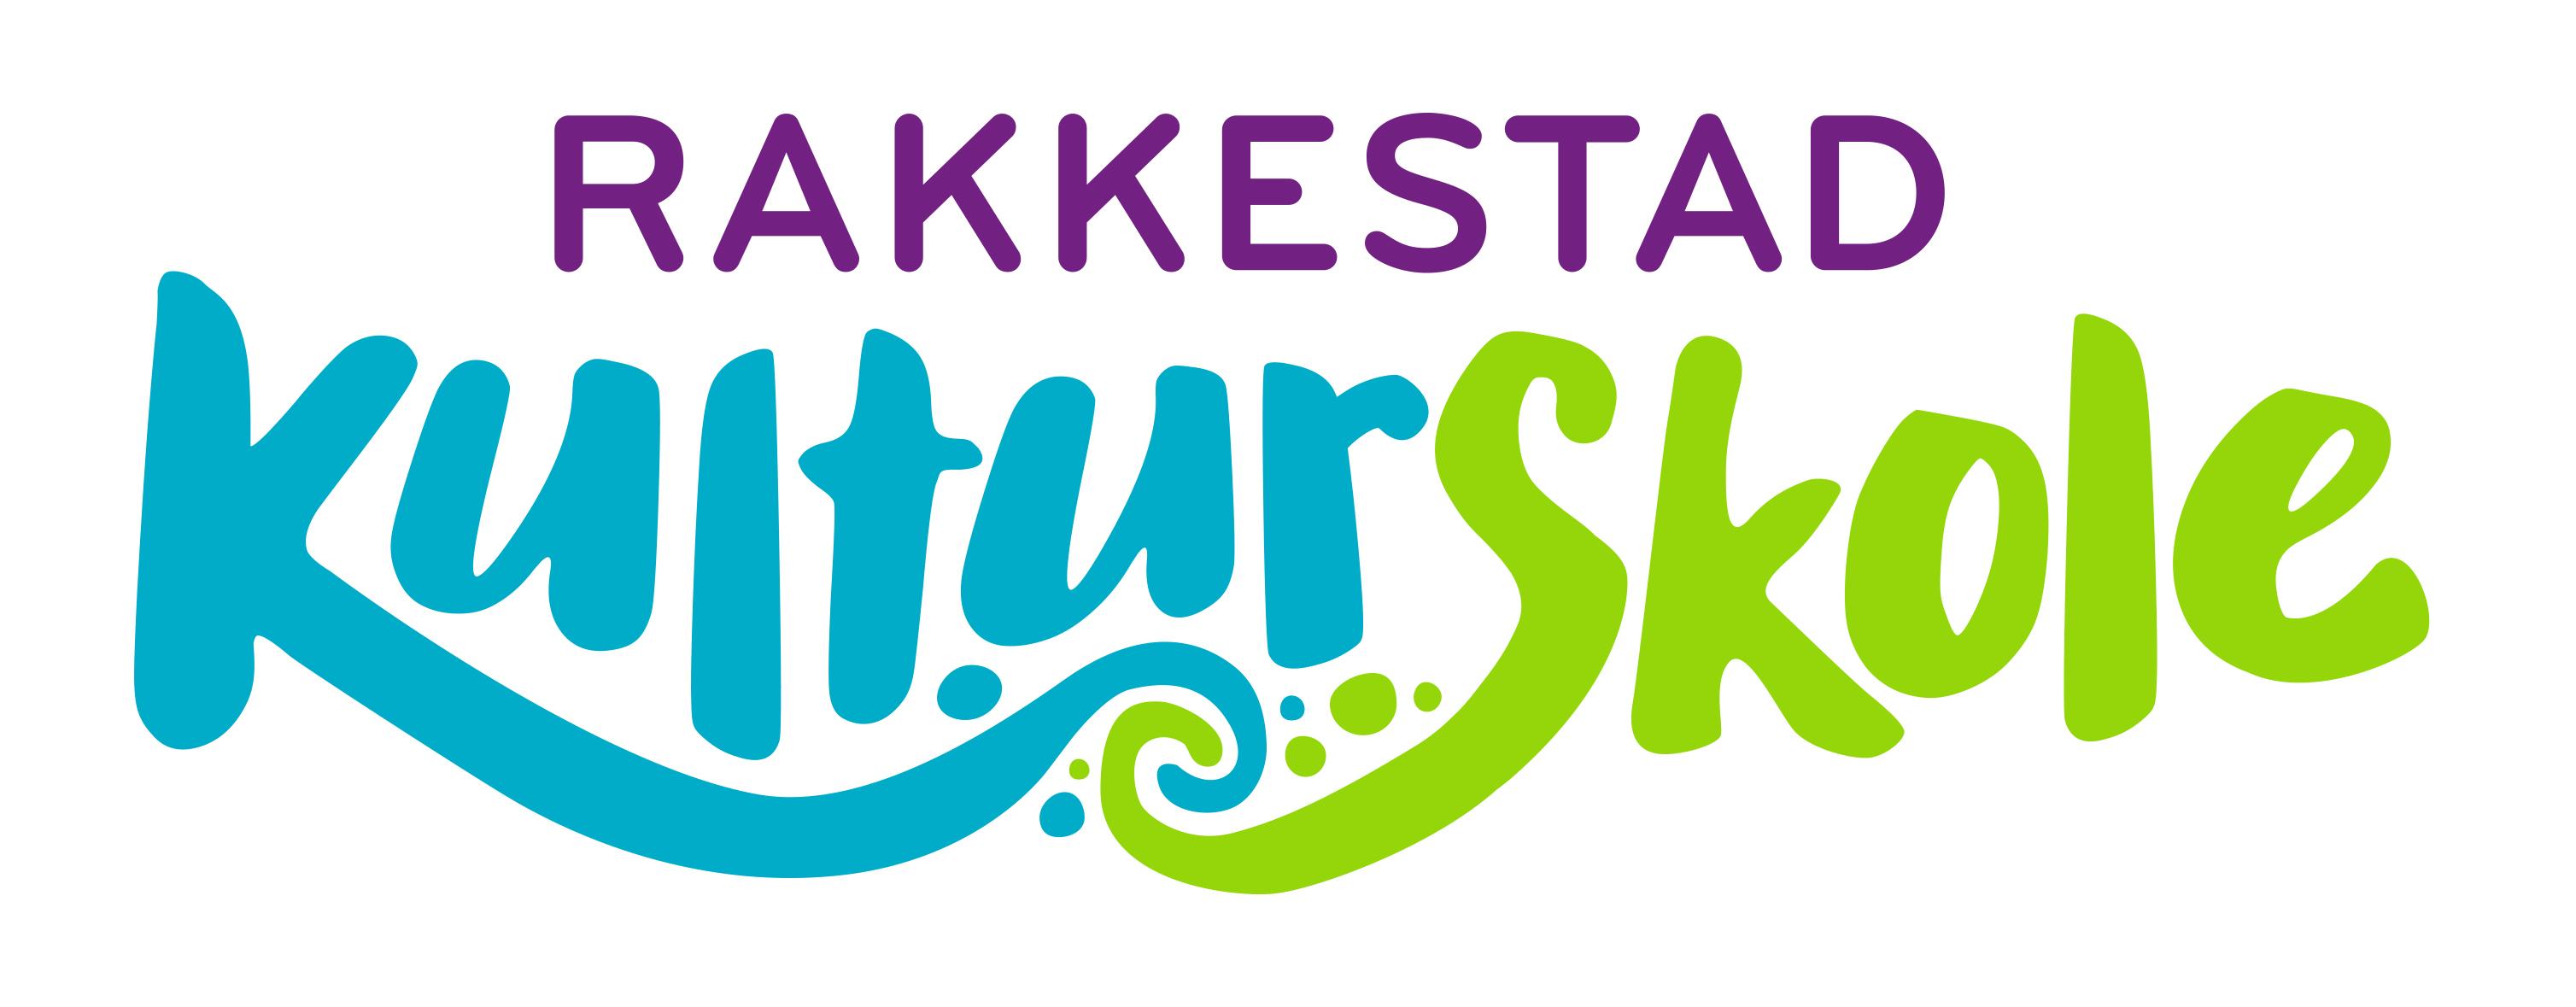 Rakkestad Kulturskole  2017 RGB